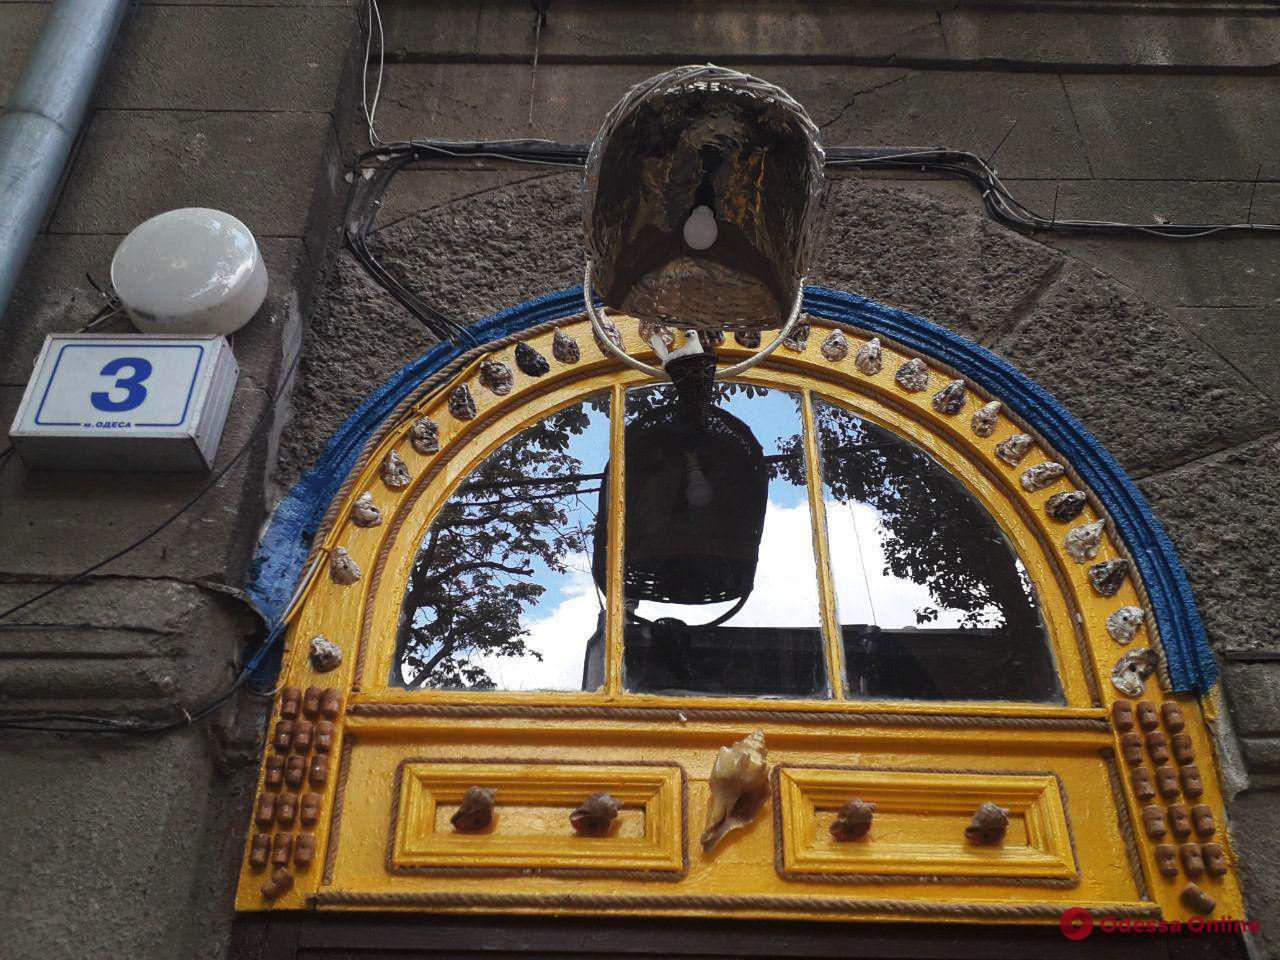 Самый креативный одесский дворник превратил свой квартал в арт-объект